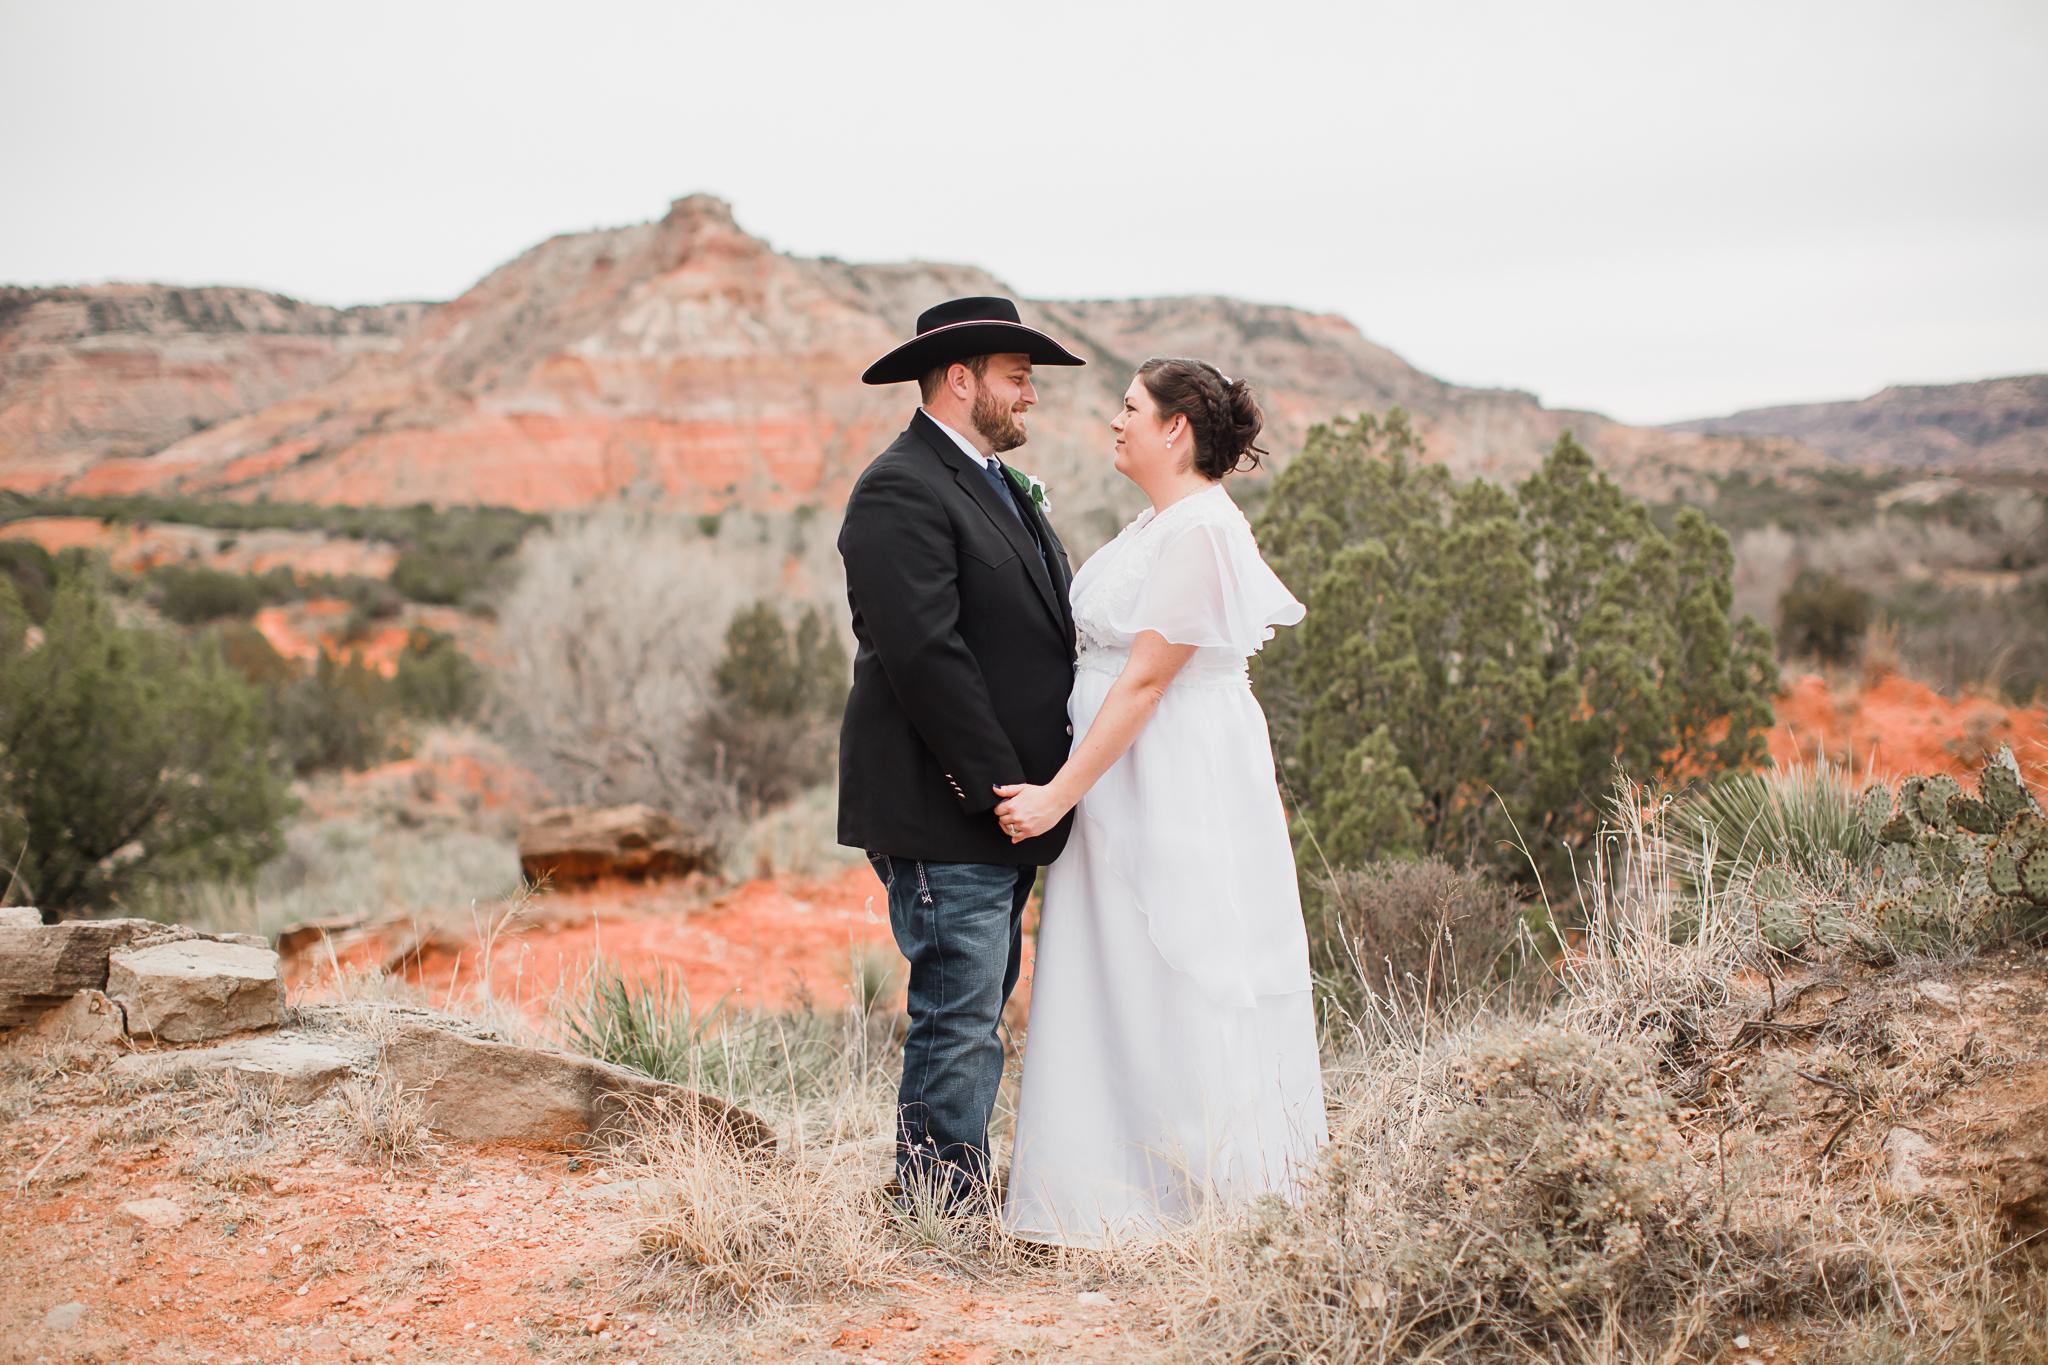 elopement photographer-28.jpg